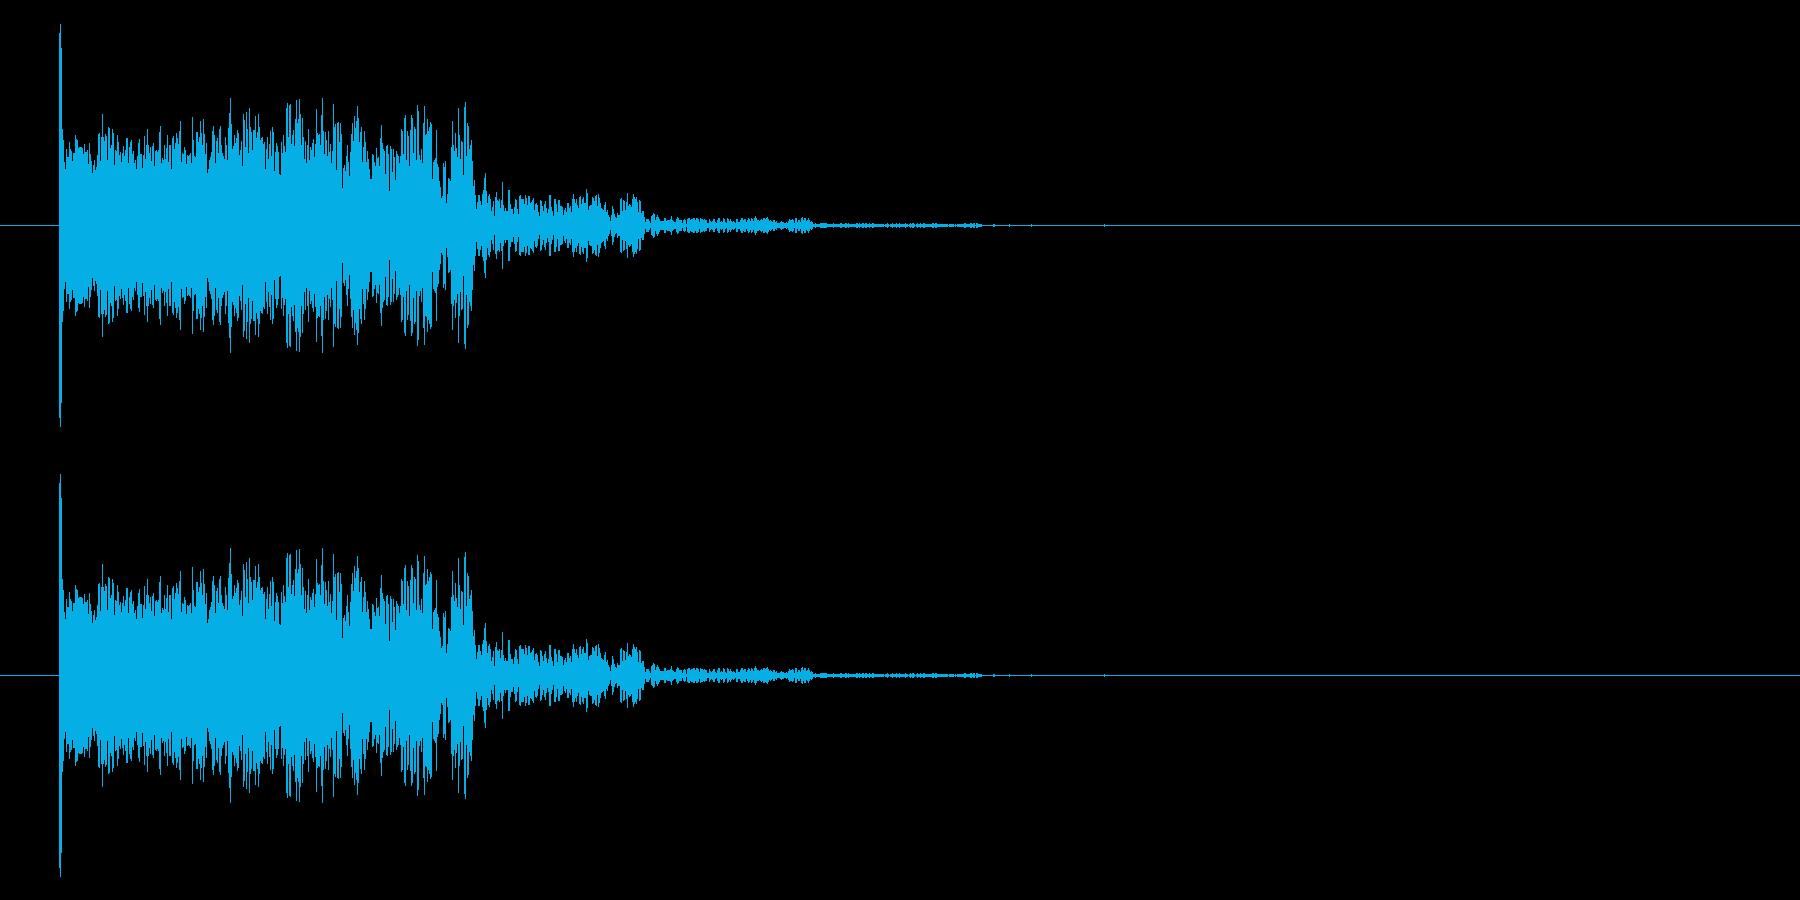 爆発/どーん/爆弾の再生済みの波形